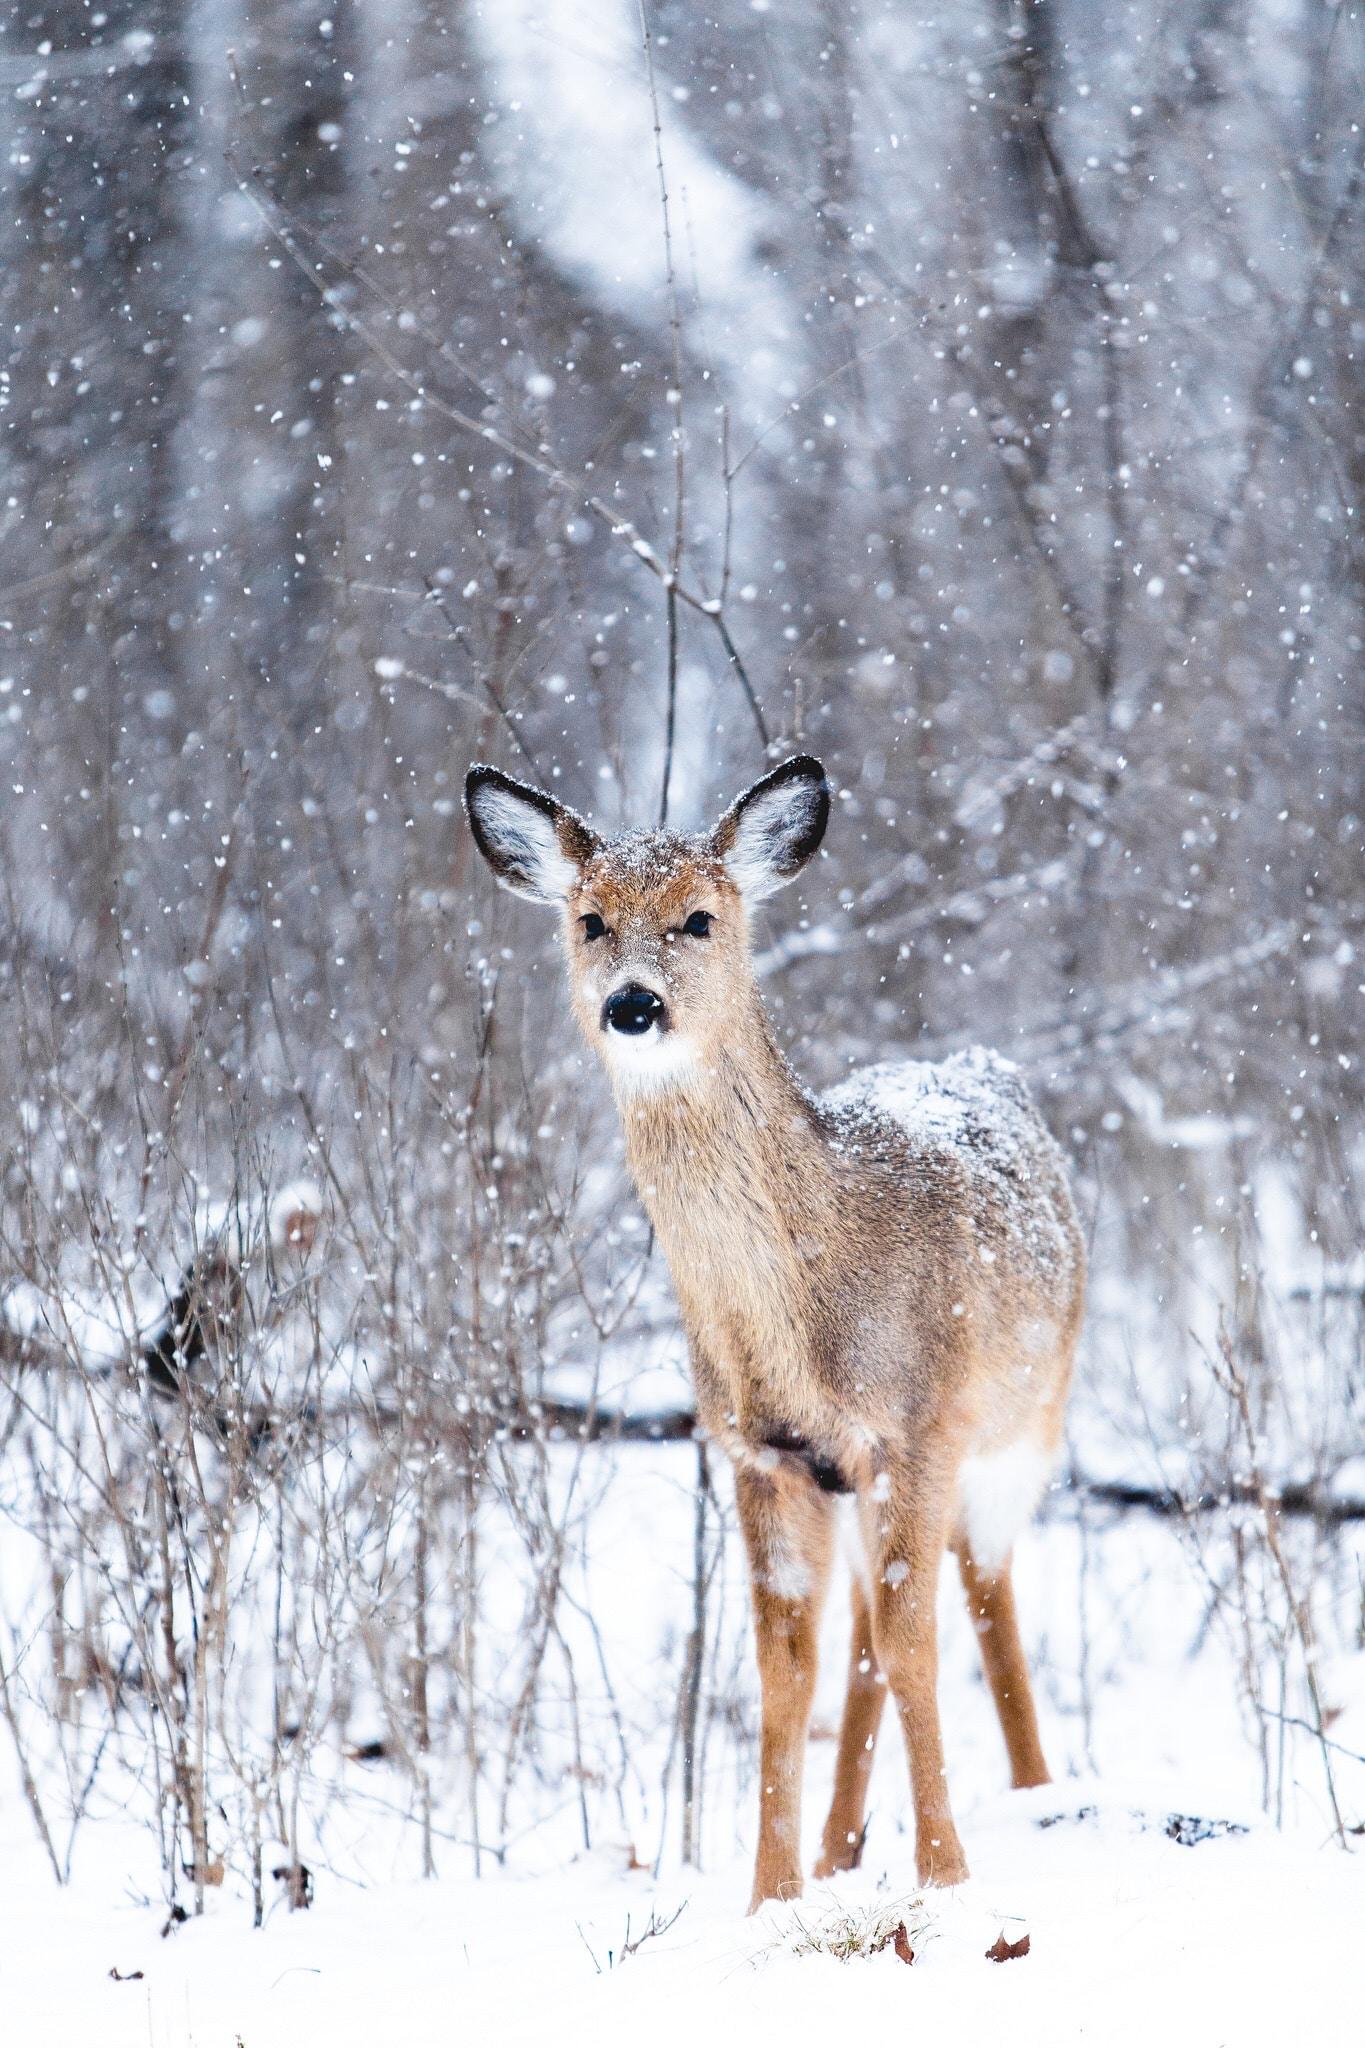 baby deer wildlife winter forest nature